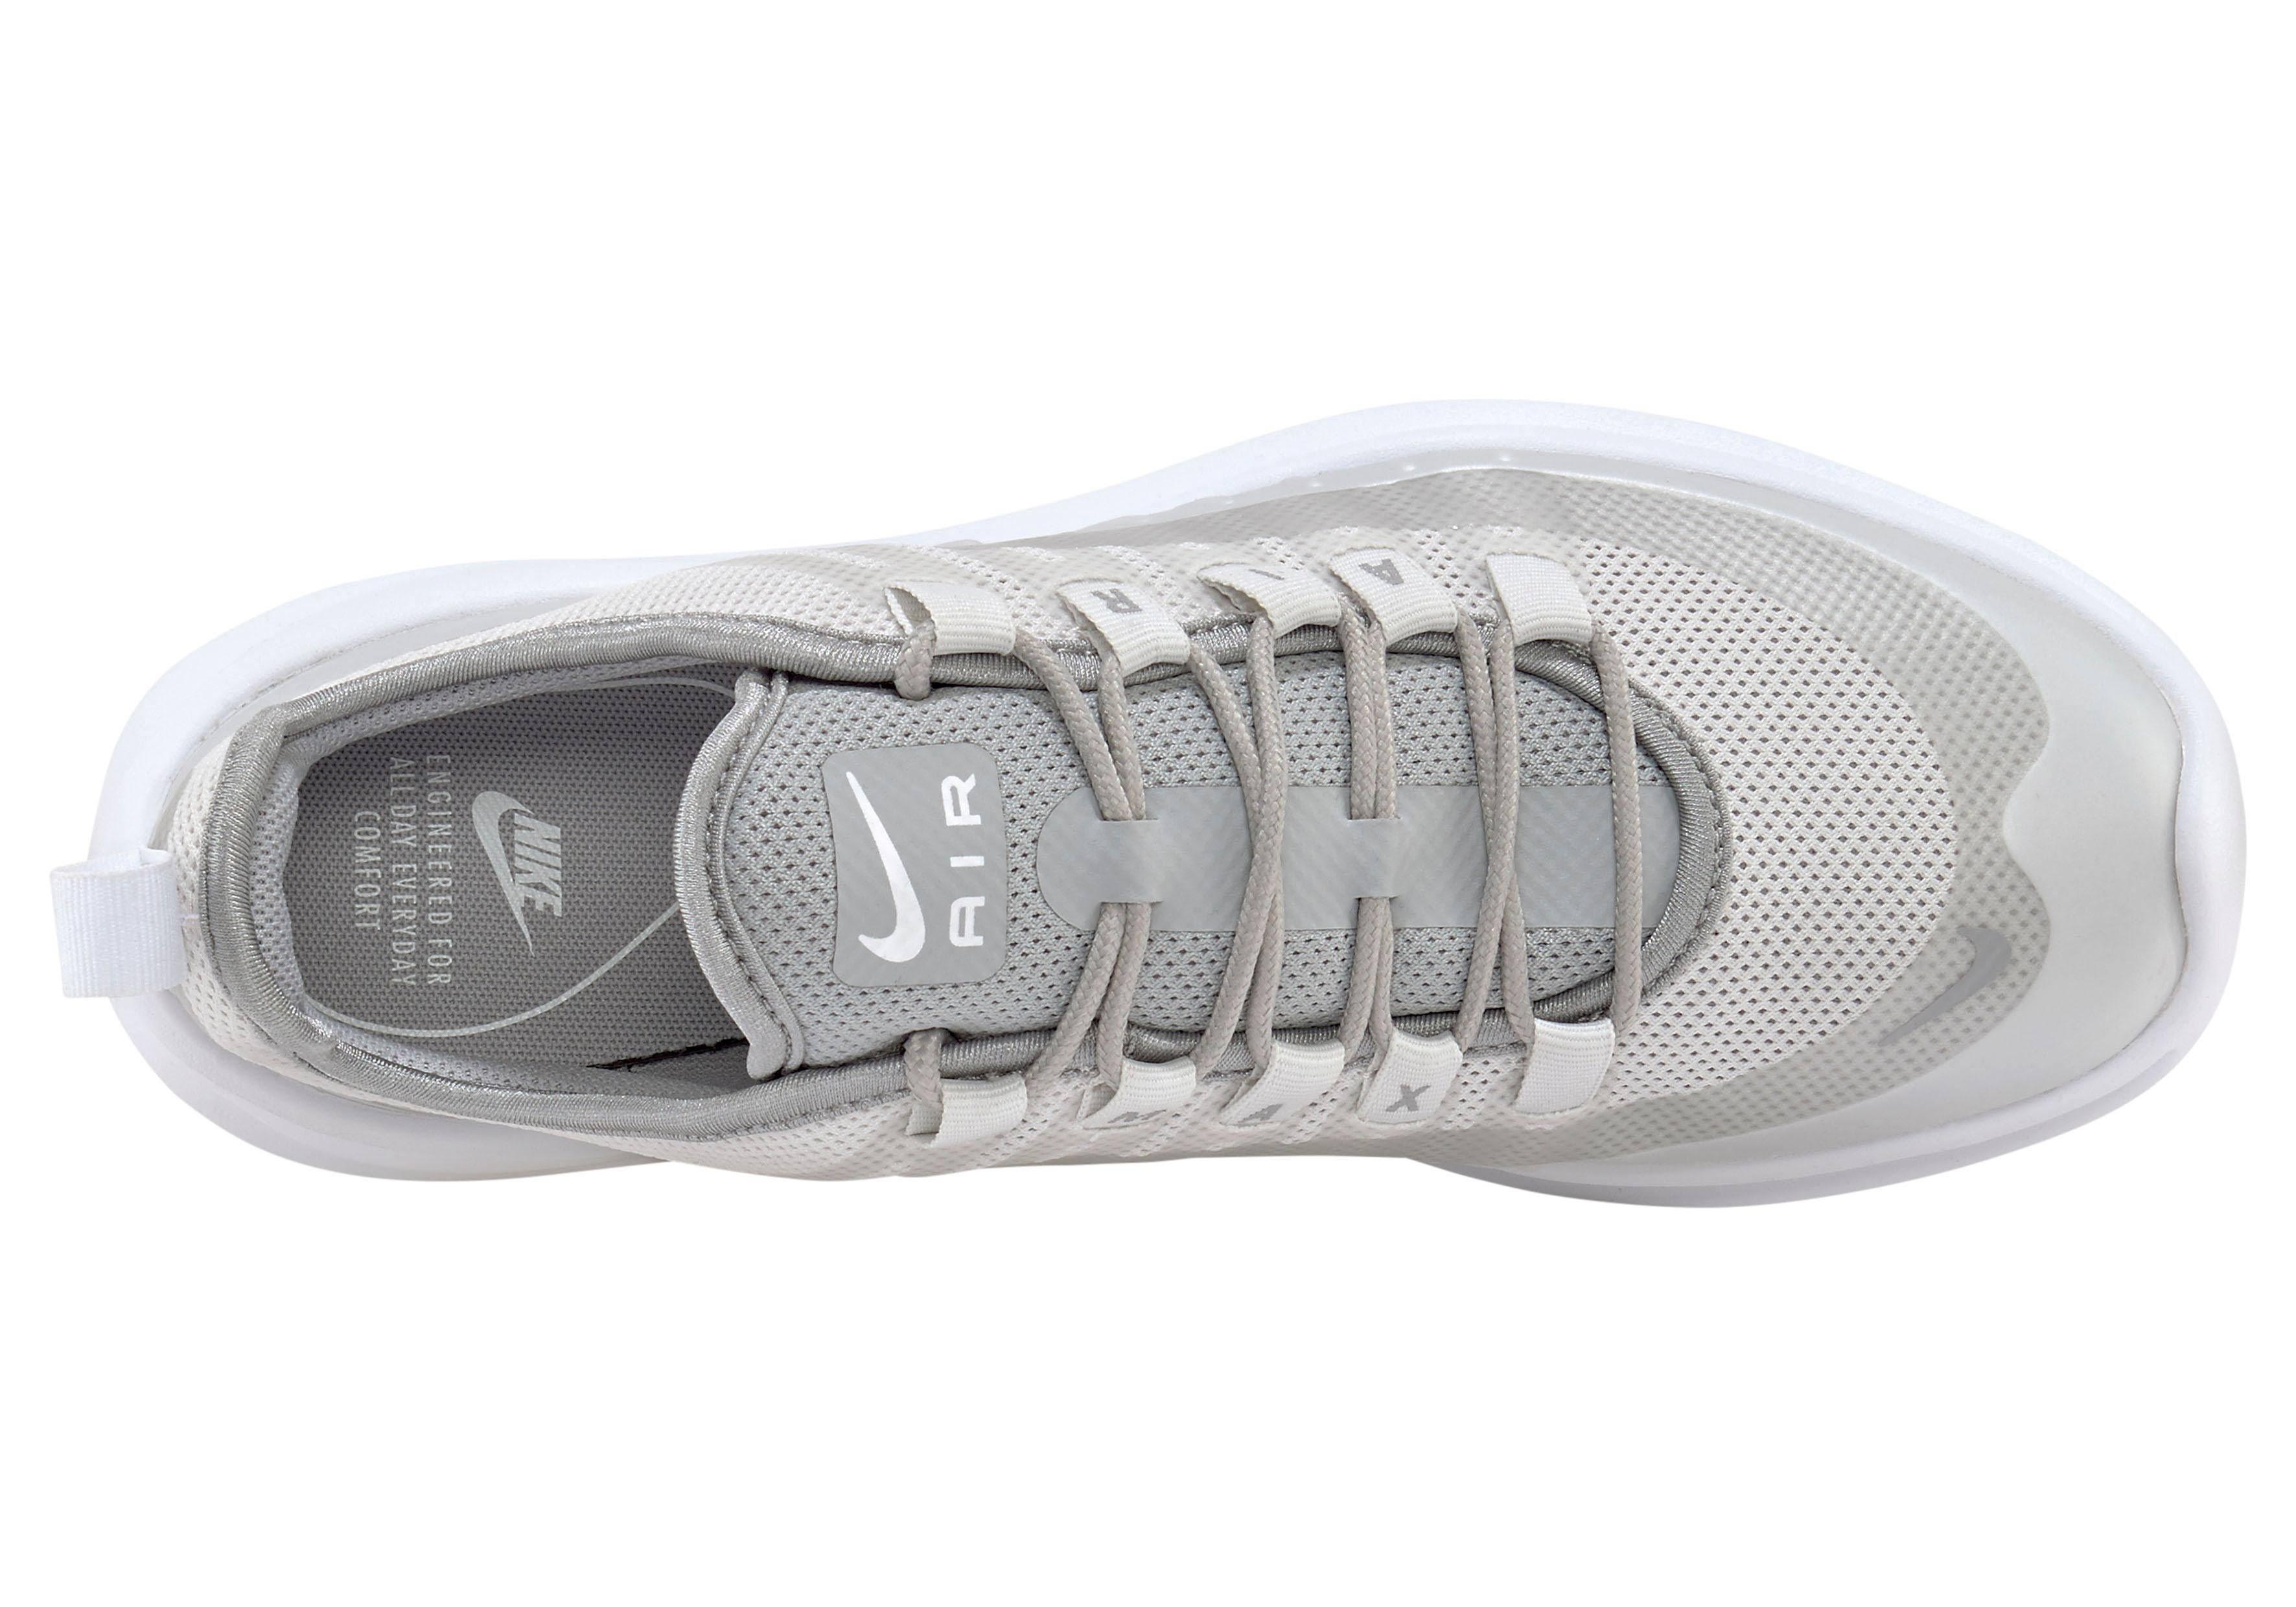 Damen Max Größe Weiß Silber Air grau Axis 42 Sneakers Nike In F16xWnn